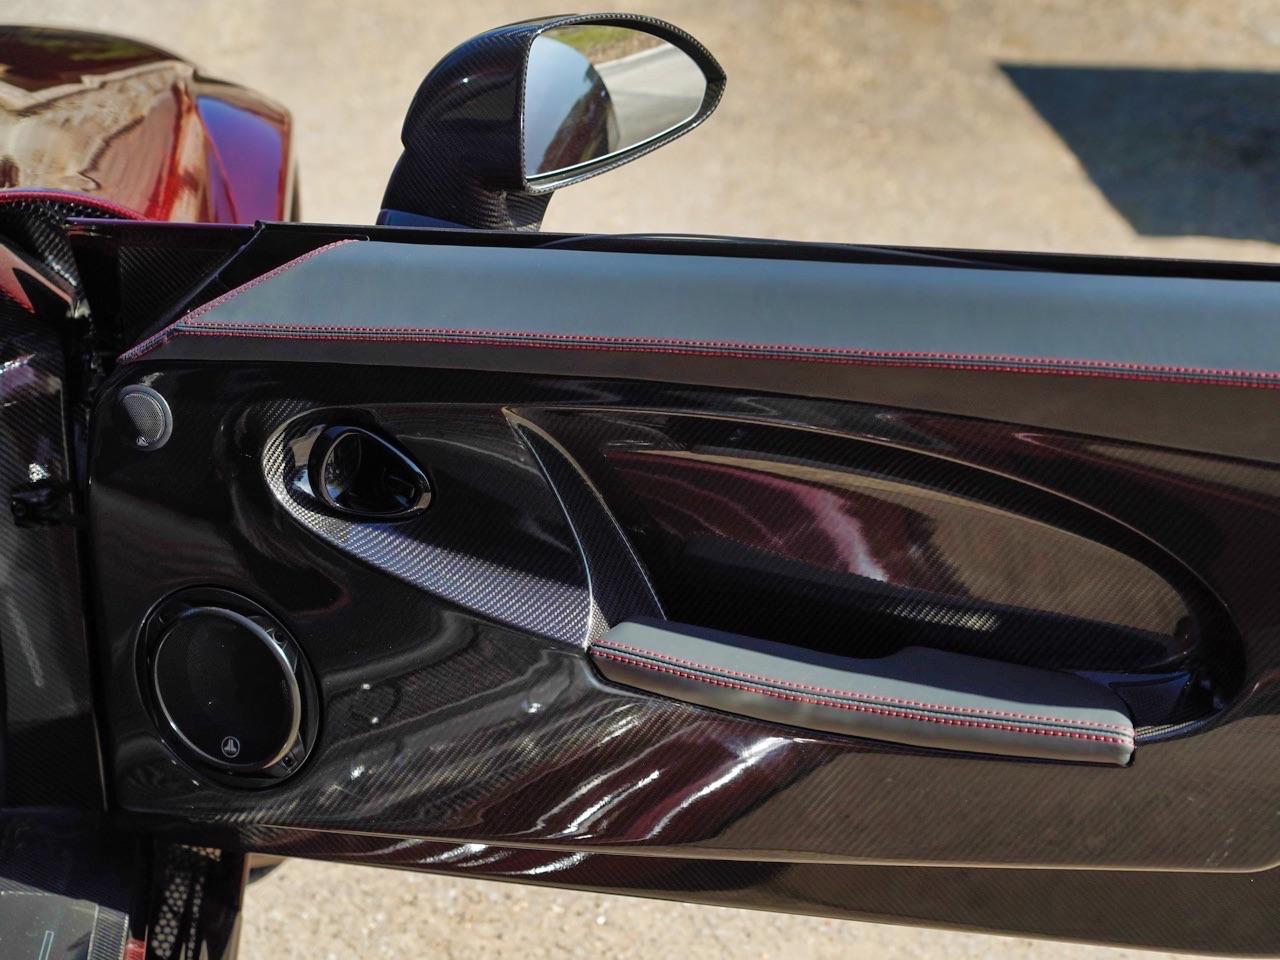 Noble M600 CarbonSport - Va y avoir du carbone et du... sport ! 4